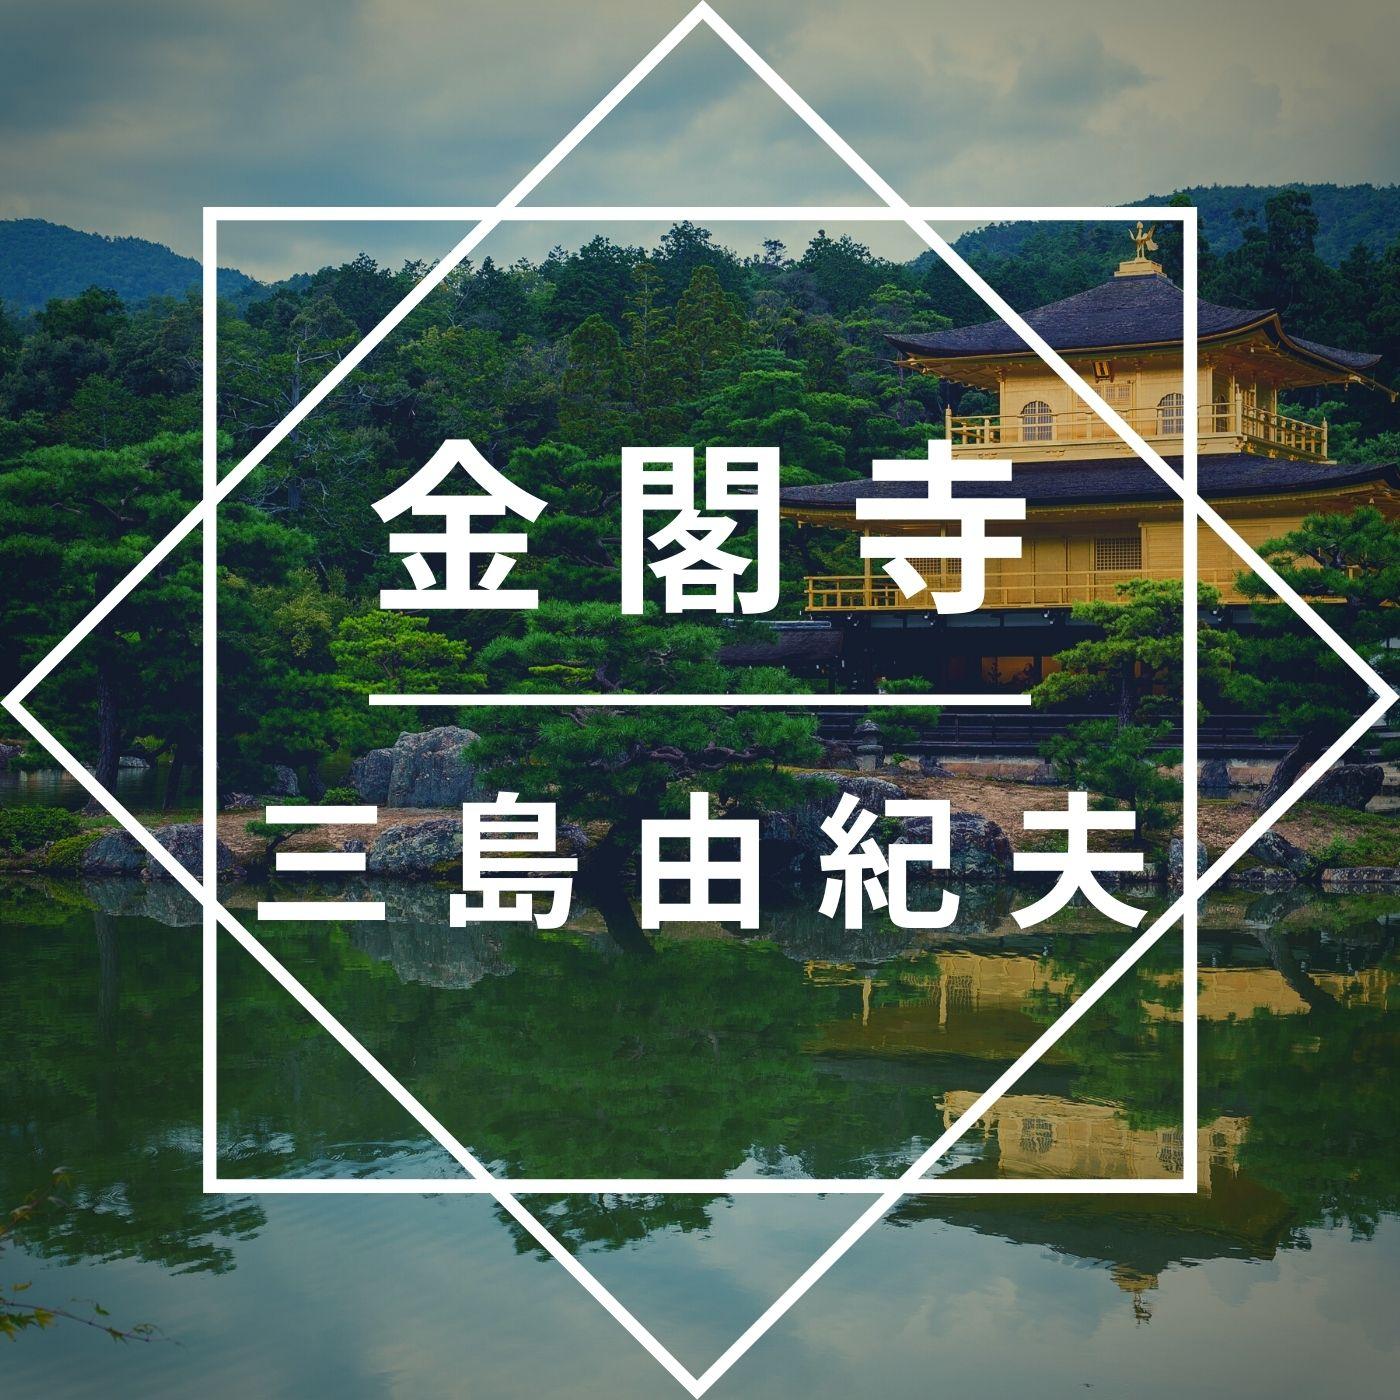 金閣寺 三島由紀夫